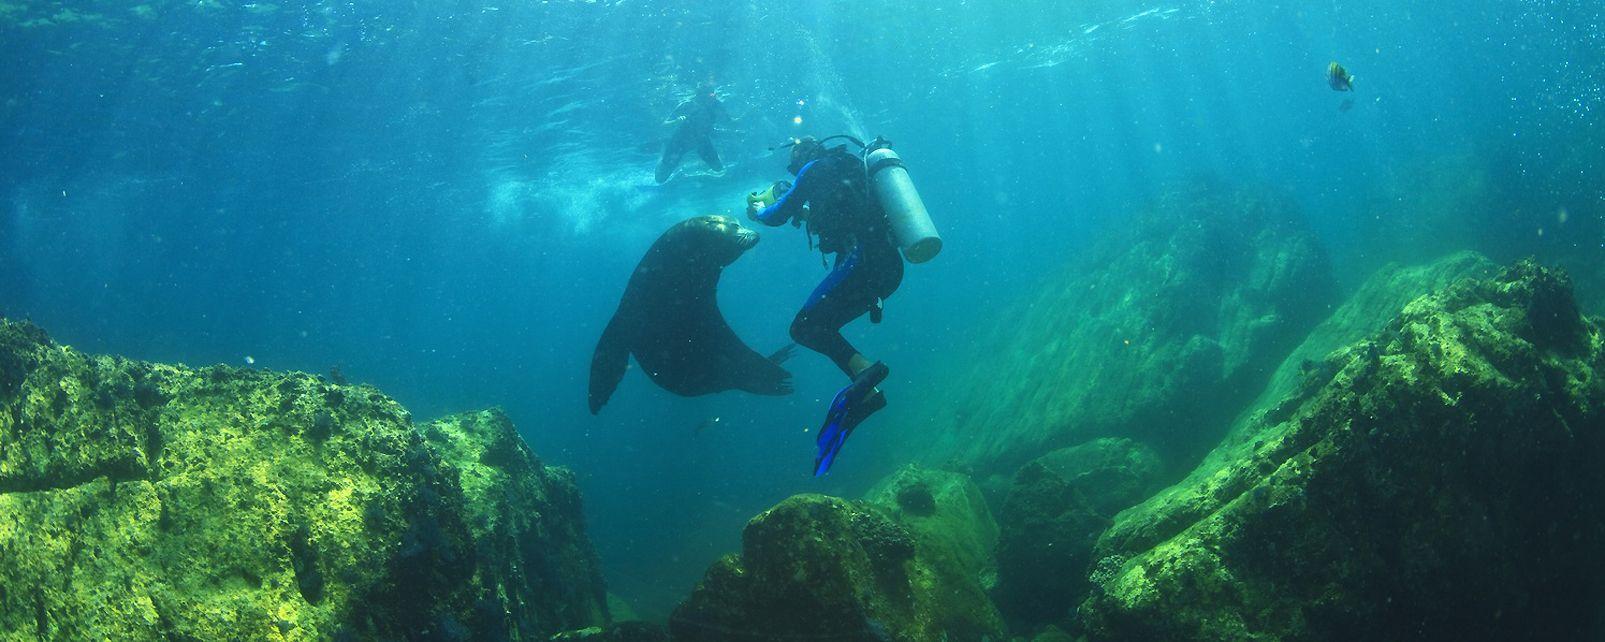 Les activités et les loisirs, mexique, basse-californie, amérique, sous-marin, plongée, lion de mer, faune, mammifère, animal, plongeur